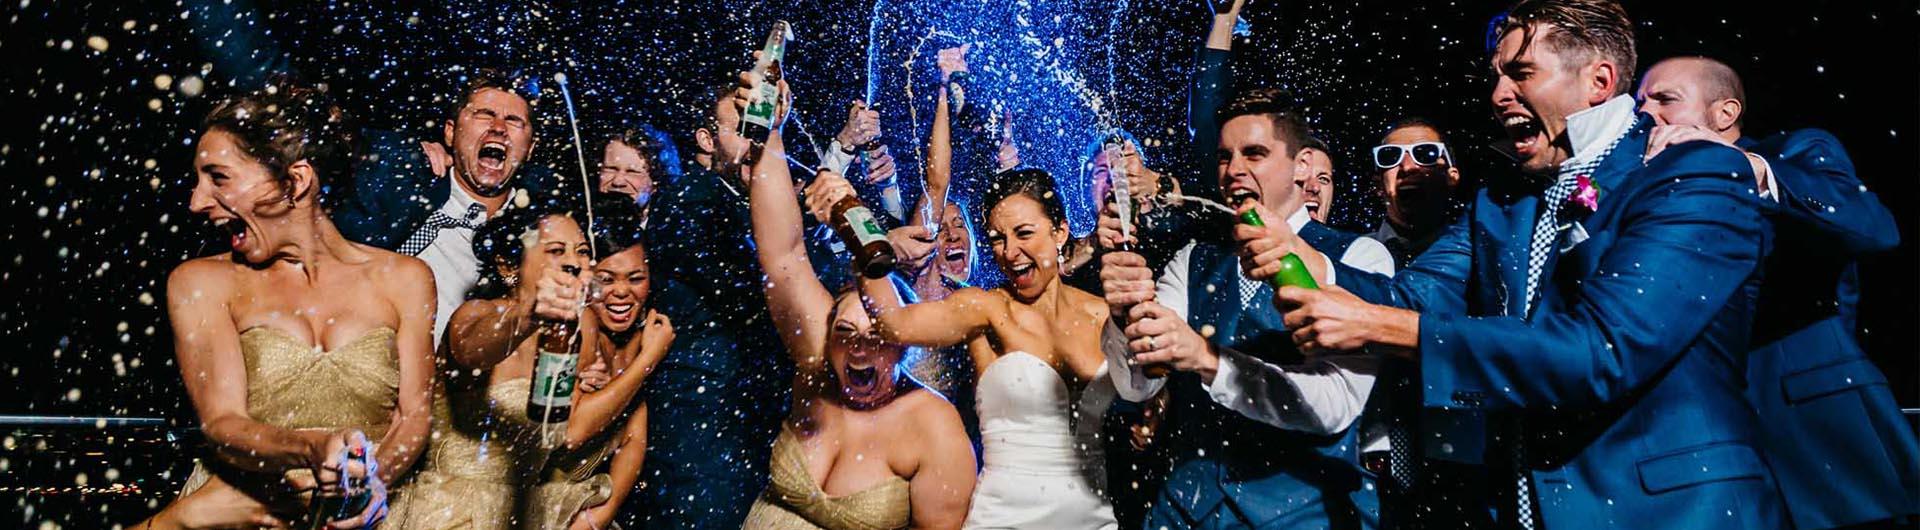 fotografo-matrimonio-napoli-wide